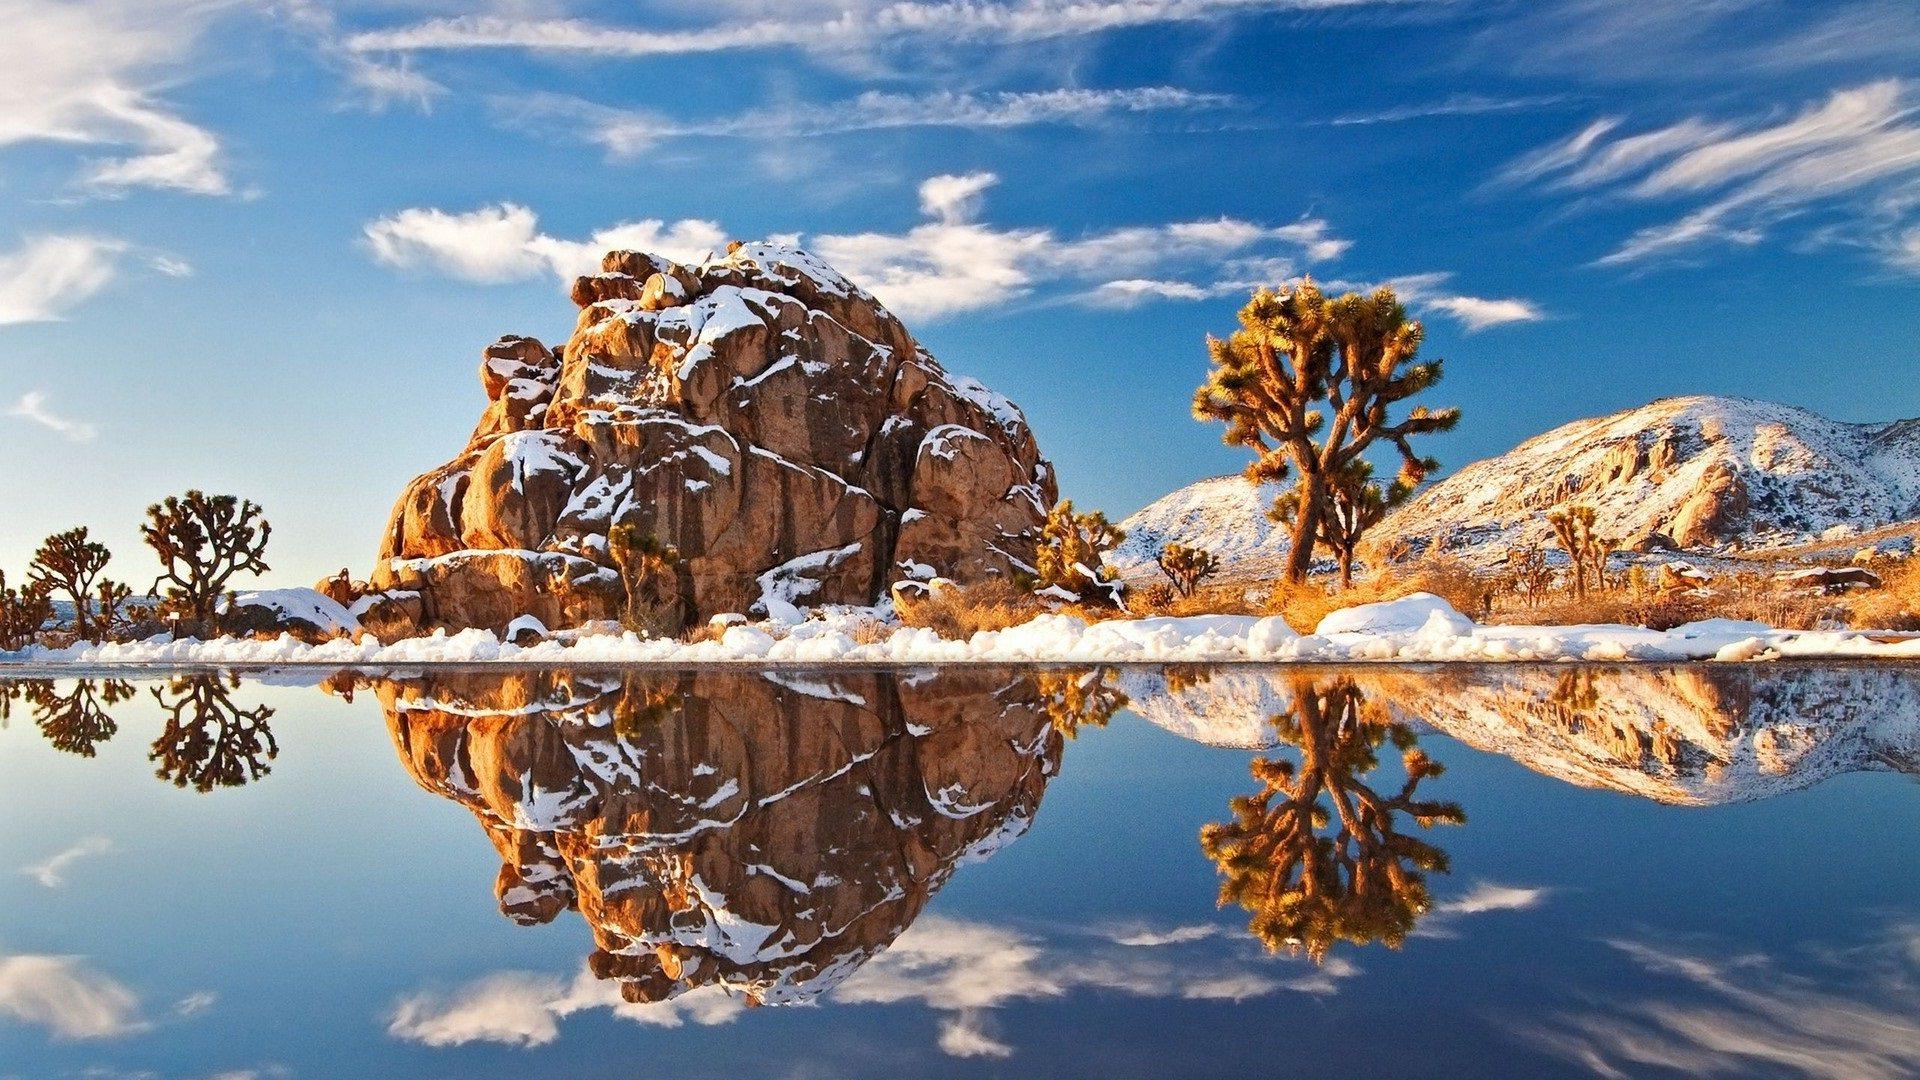 Snow Joshua Tree Wallpaper Hd 1920x1080 Wallpaper Teahub Io